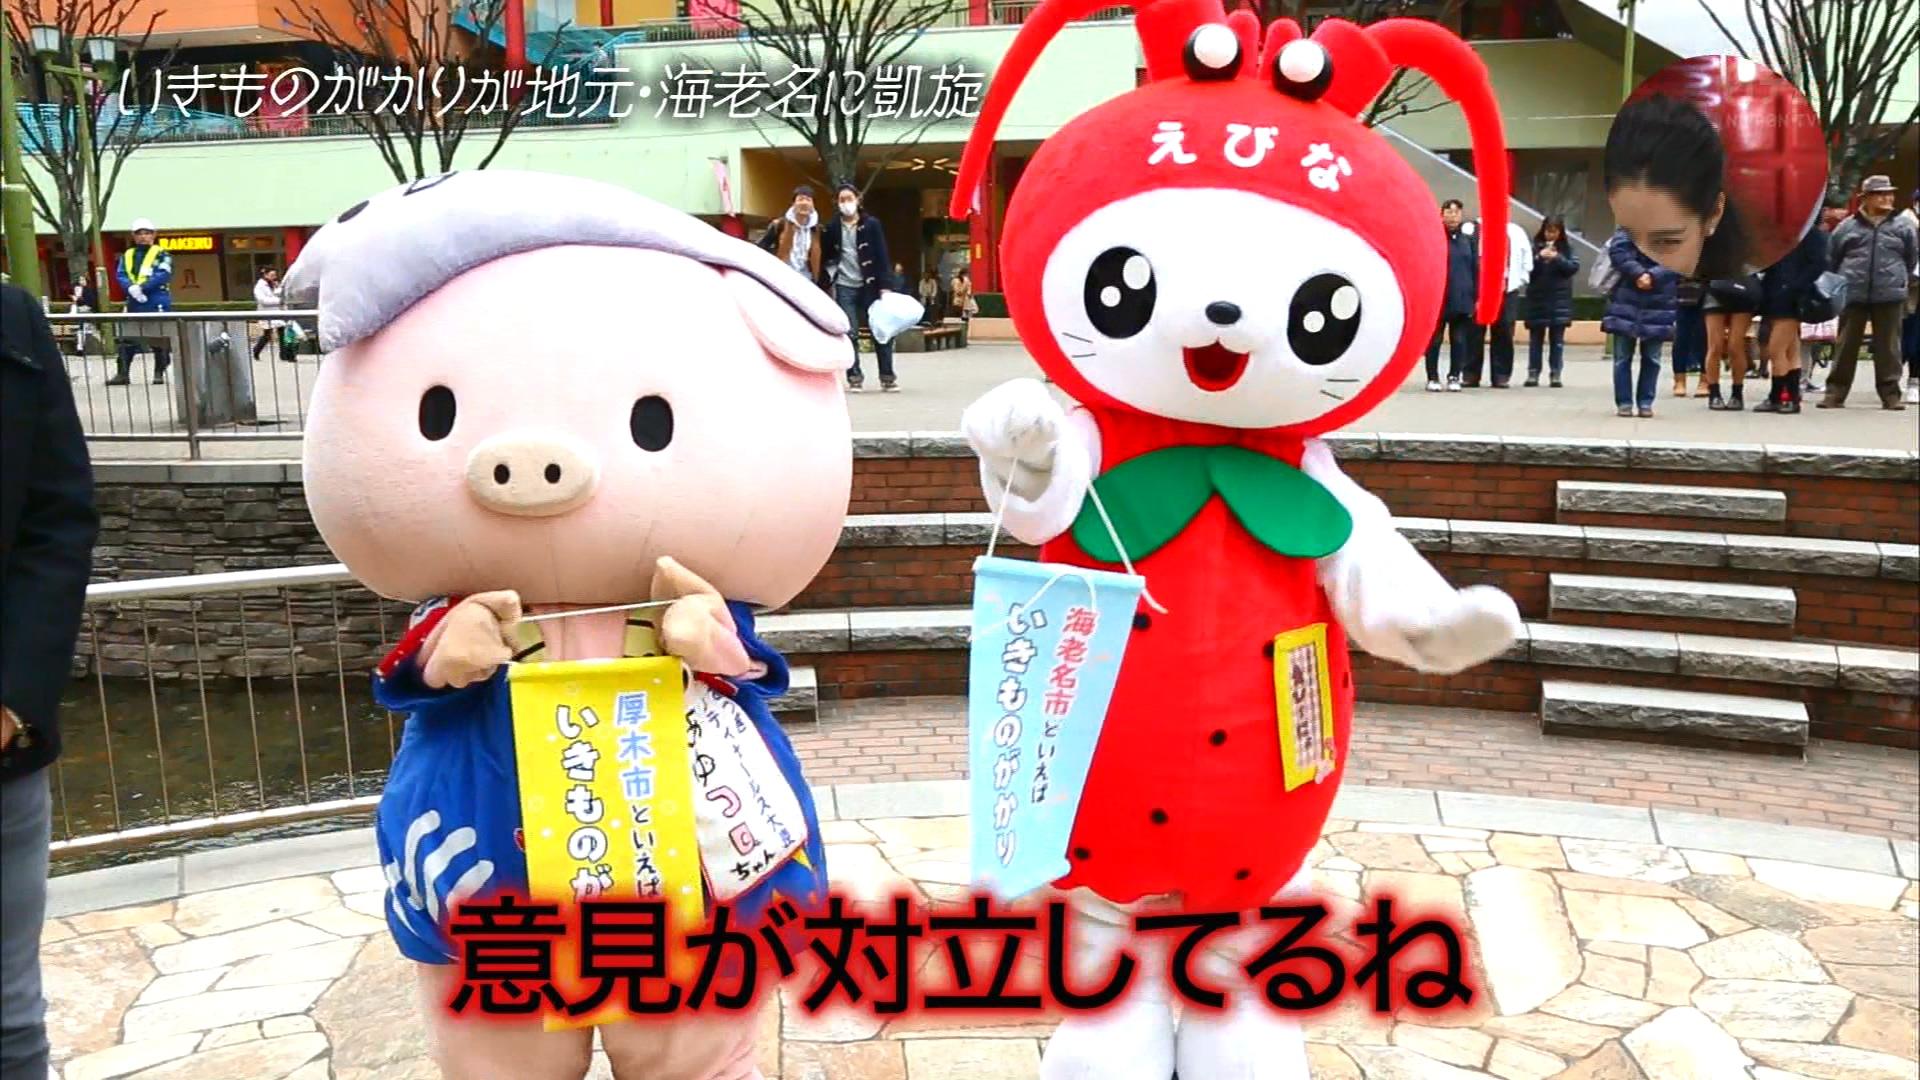 2016.03.13 全場(おしゃれイズム).ts_20160314_011542.993